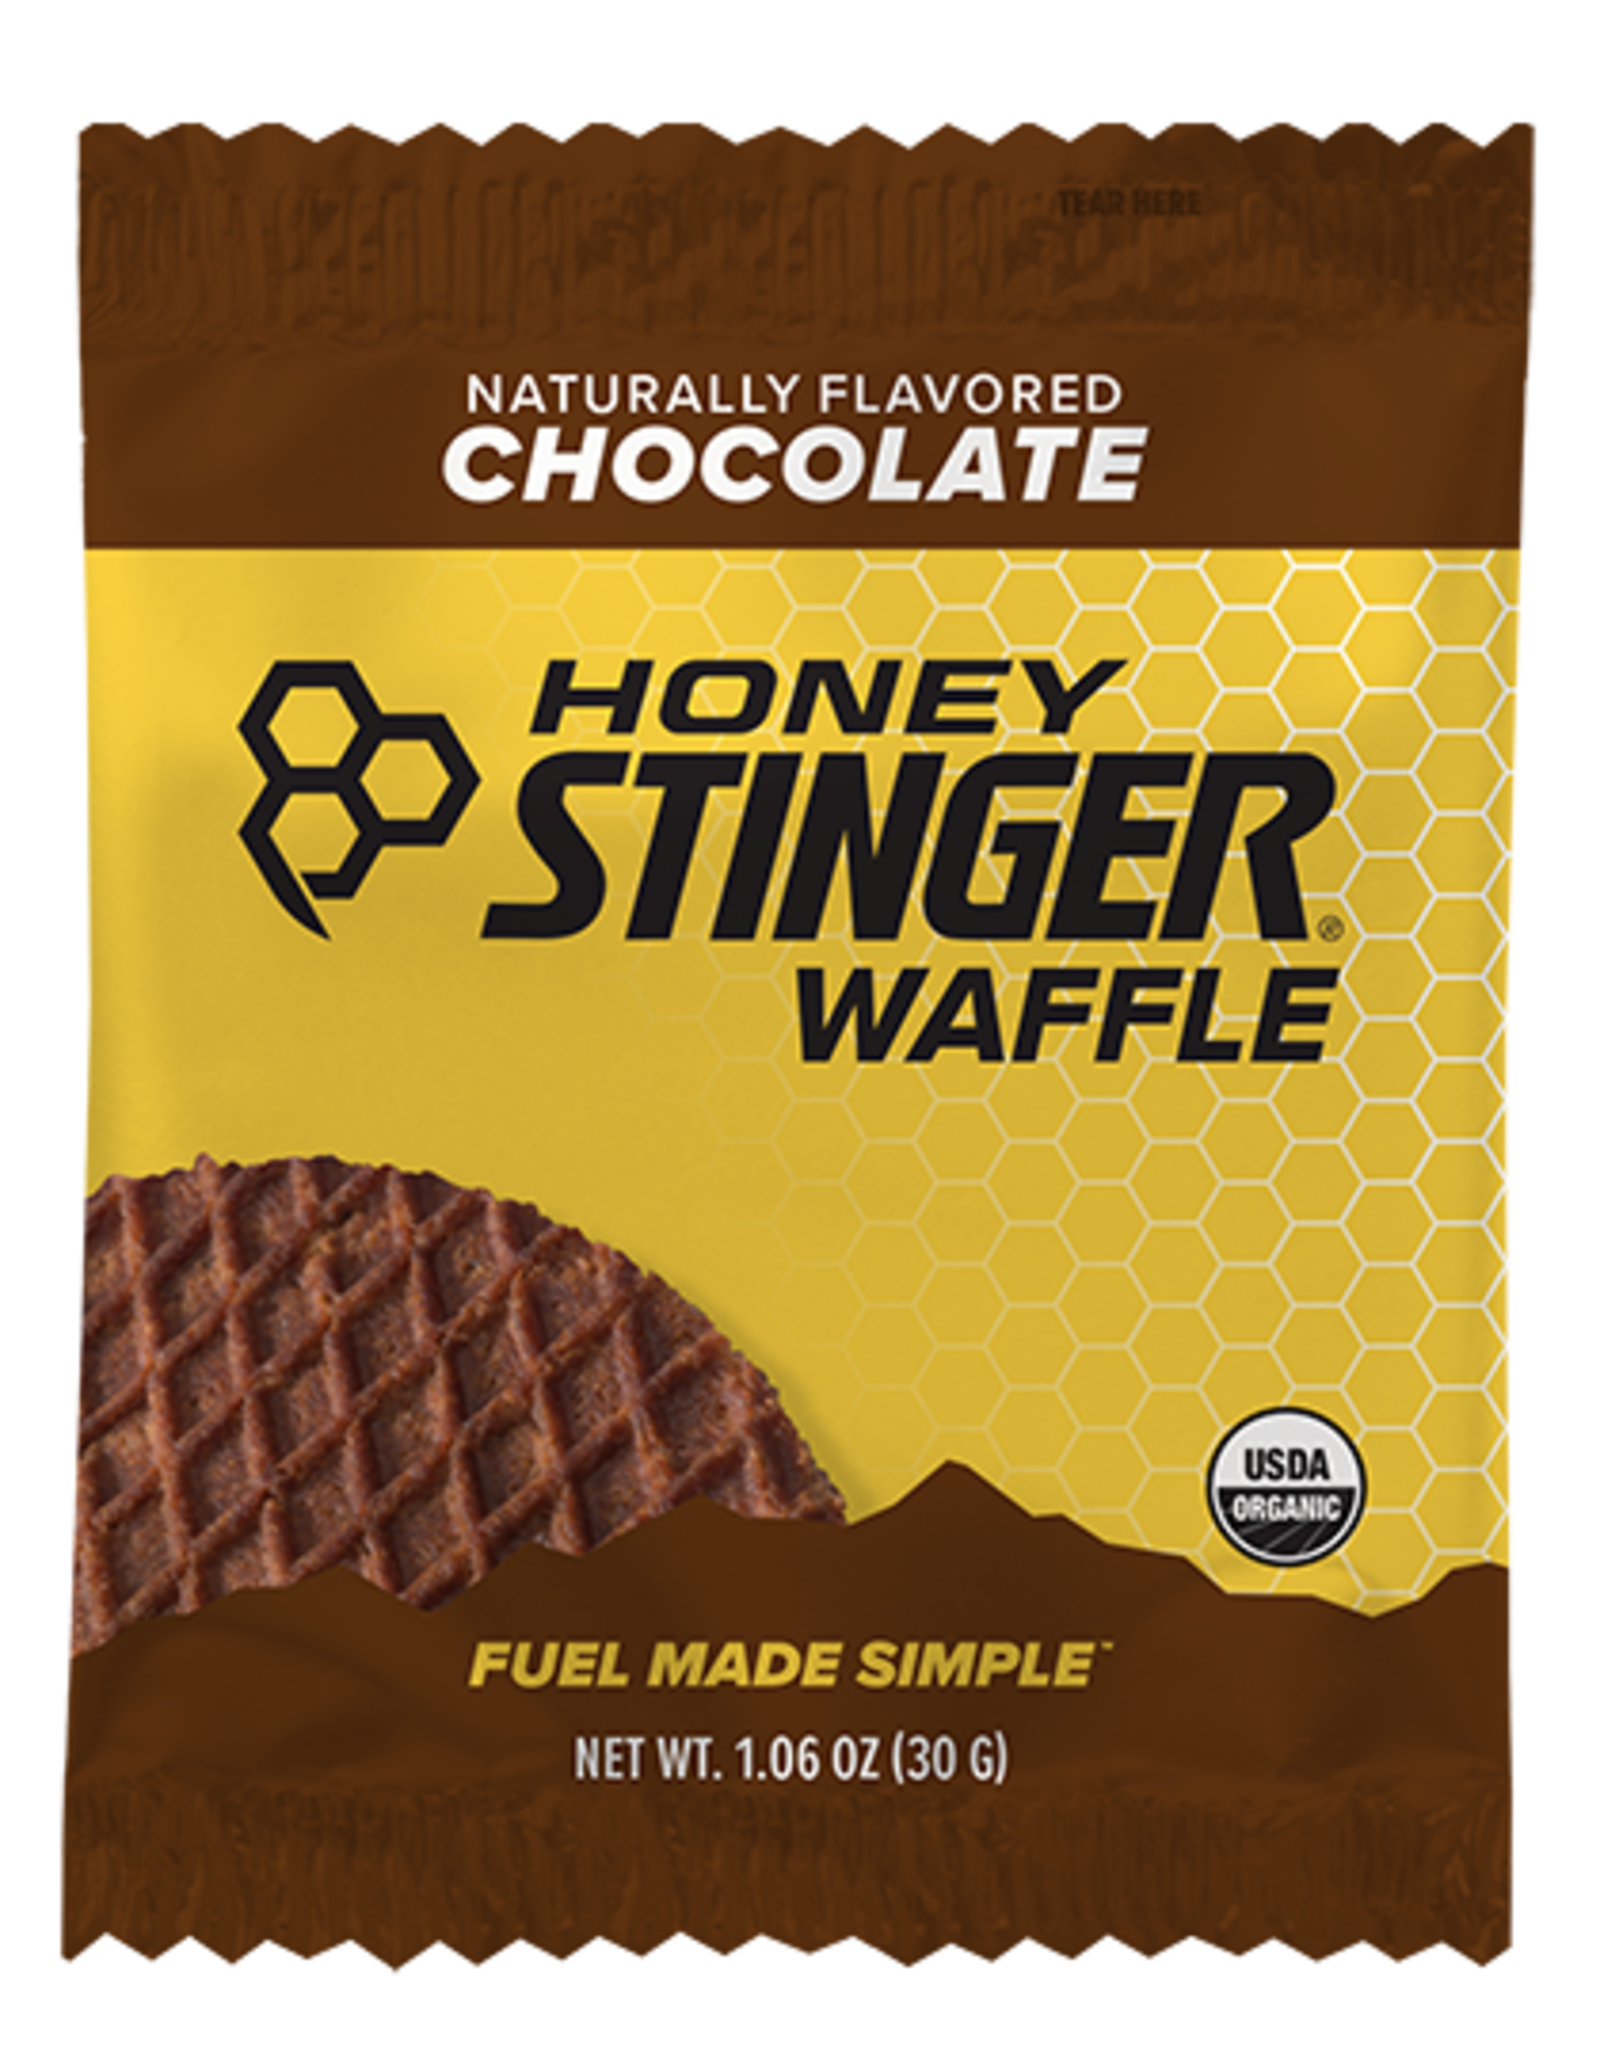 Honey Stinger, Waffles, Chocolate